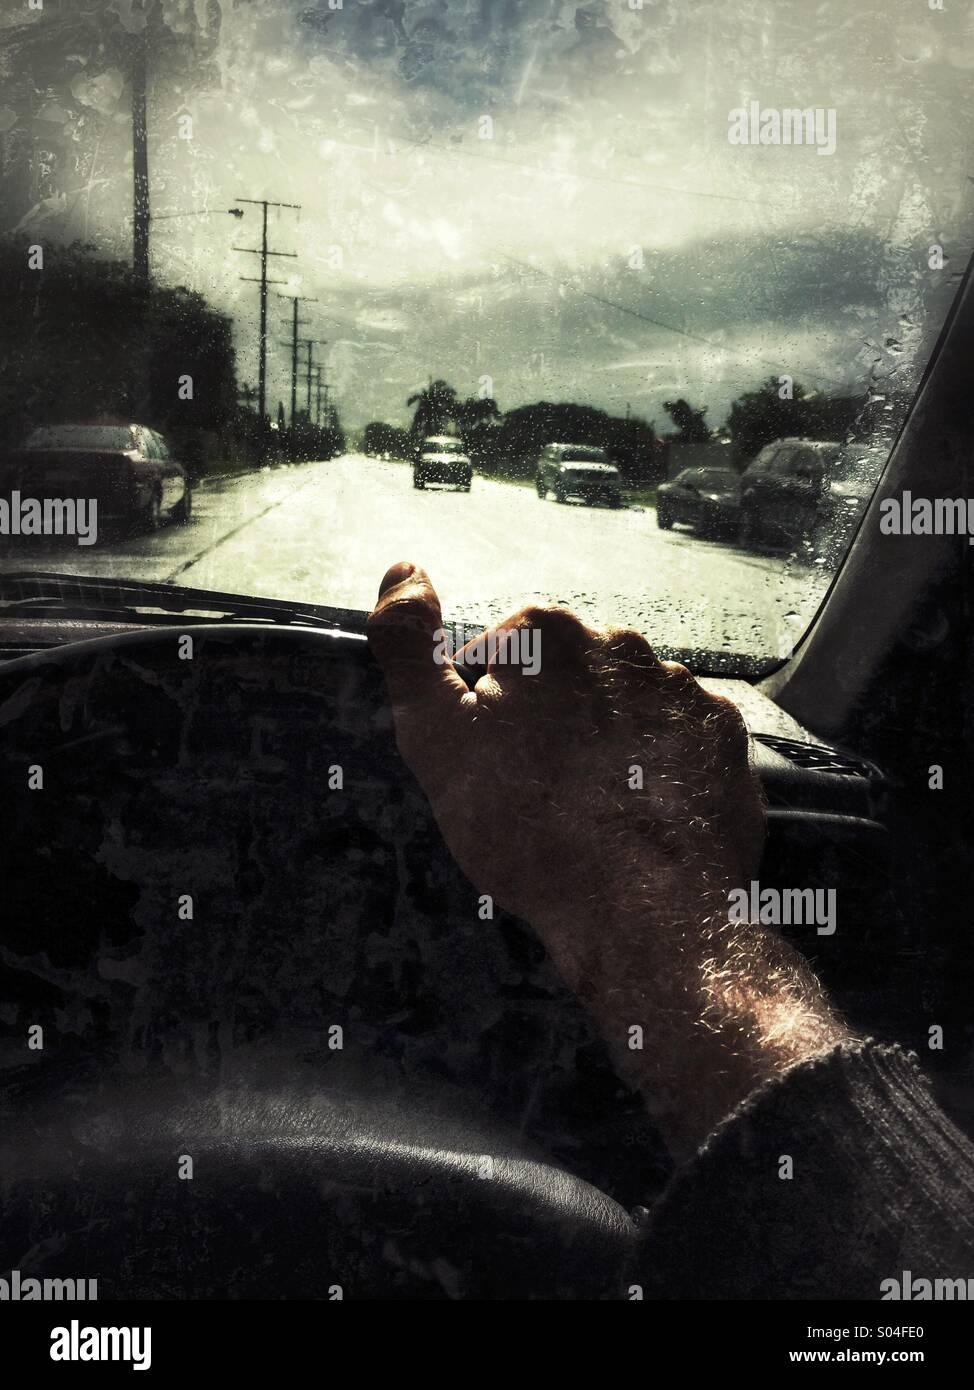 Il punto di vista del conducente Immagini Stock